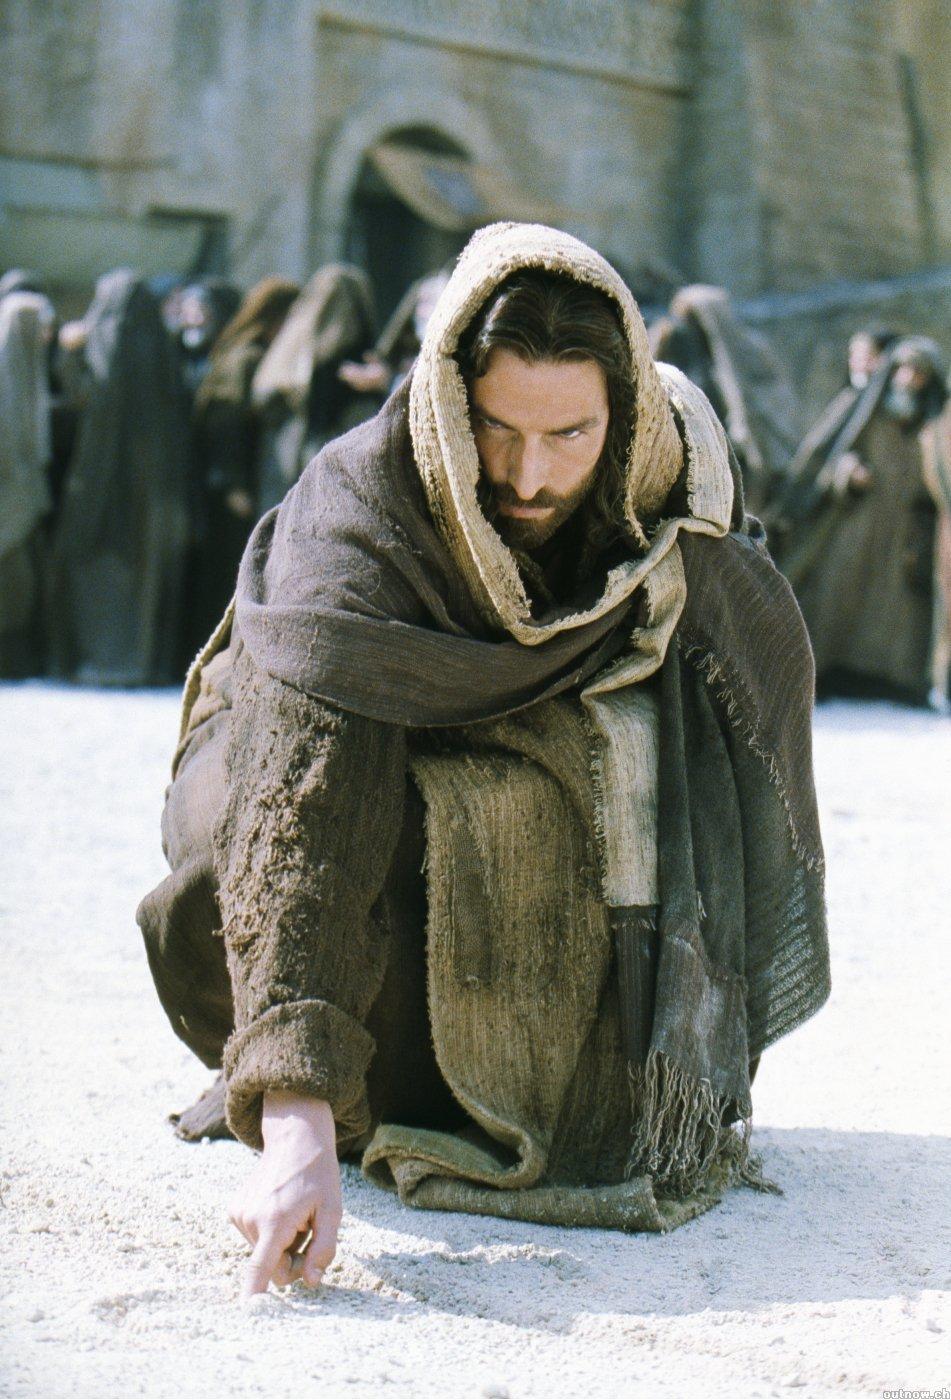 Yesus Menulis Di Tanah Dalam Kasus Wanita Zina